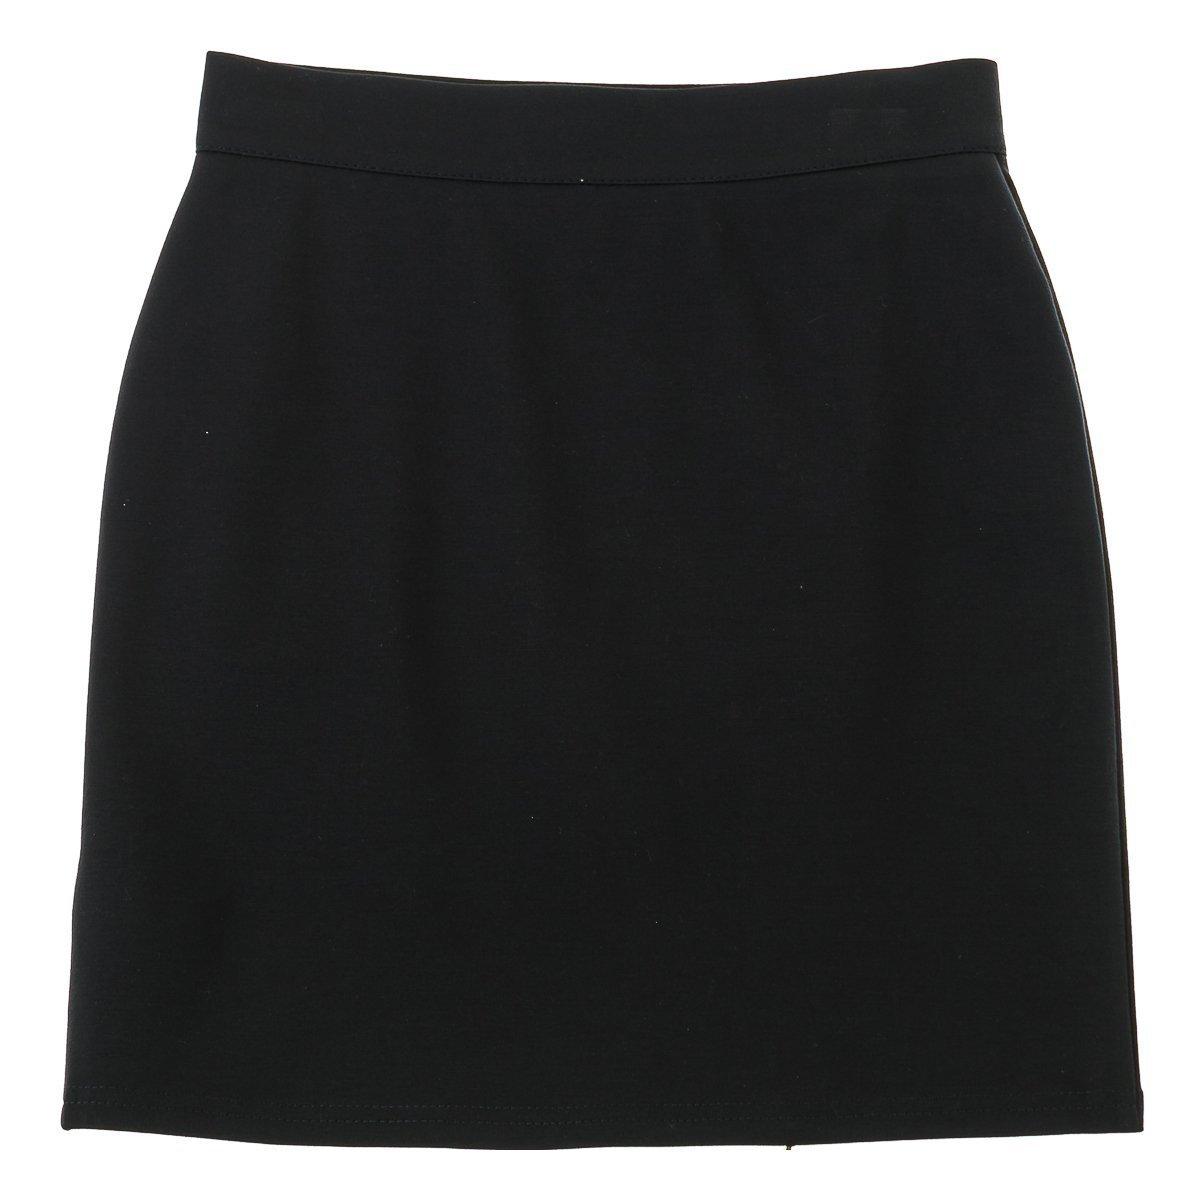 Купить Платья, сарафаны, юбки, Юбка Mevis Black Coal, р. 152 2366-01 ТМ: Mevis, черный